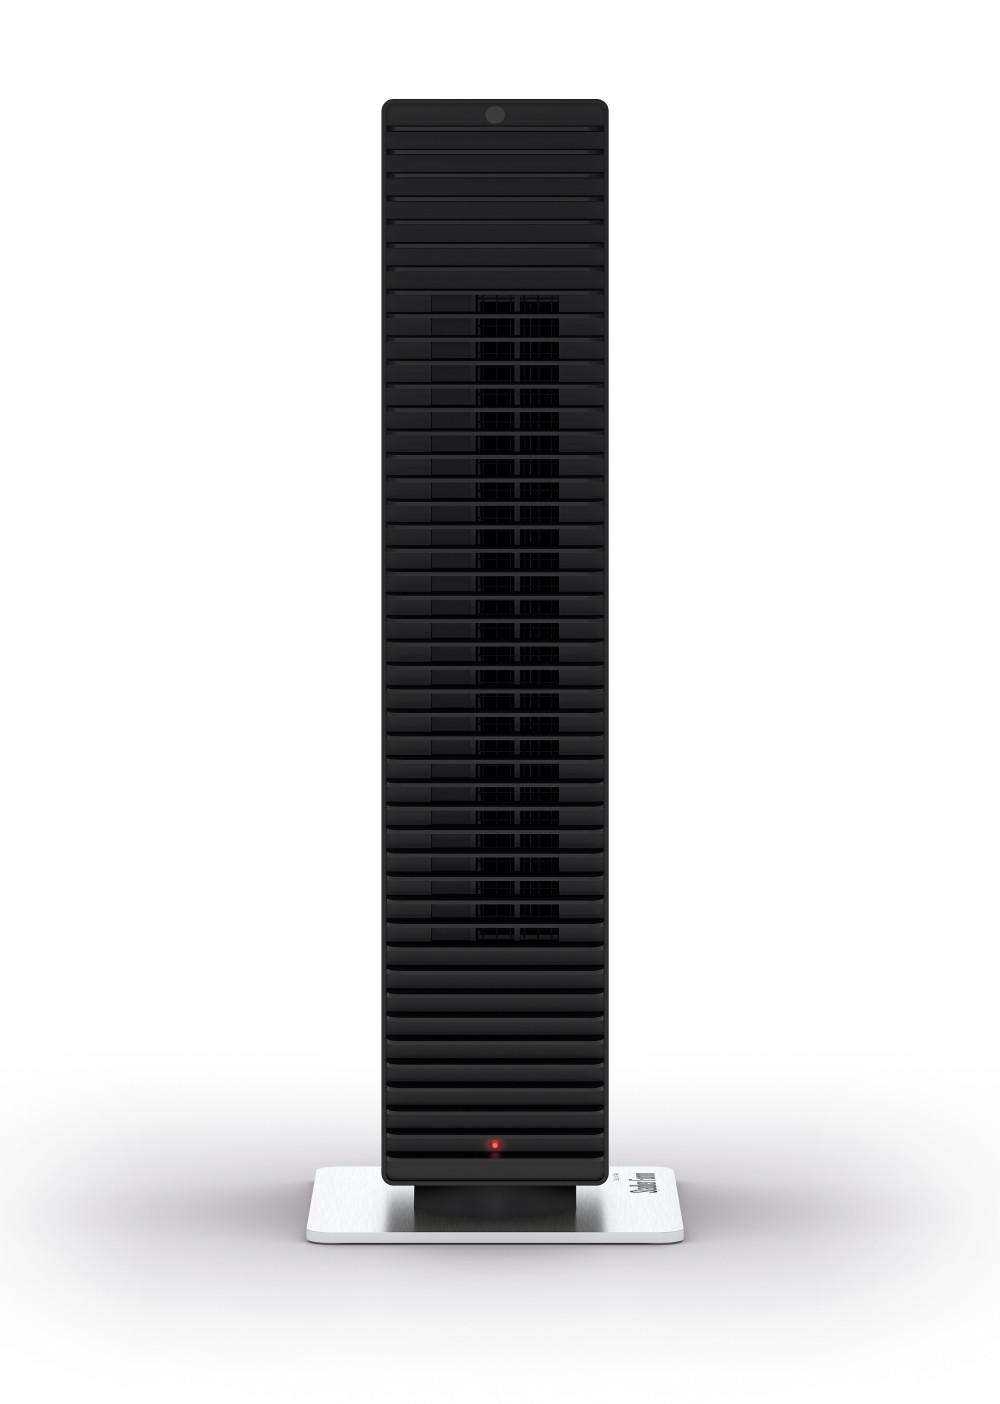 Calefactor moderno y eficiente - Calefaccion electrica eficiente ...